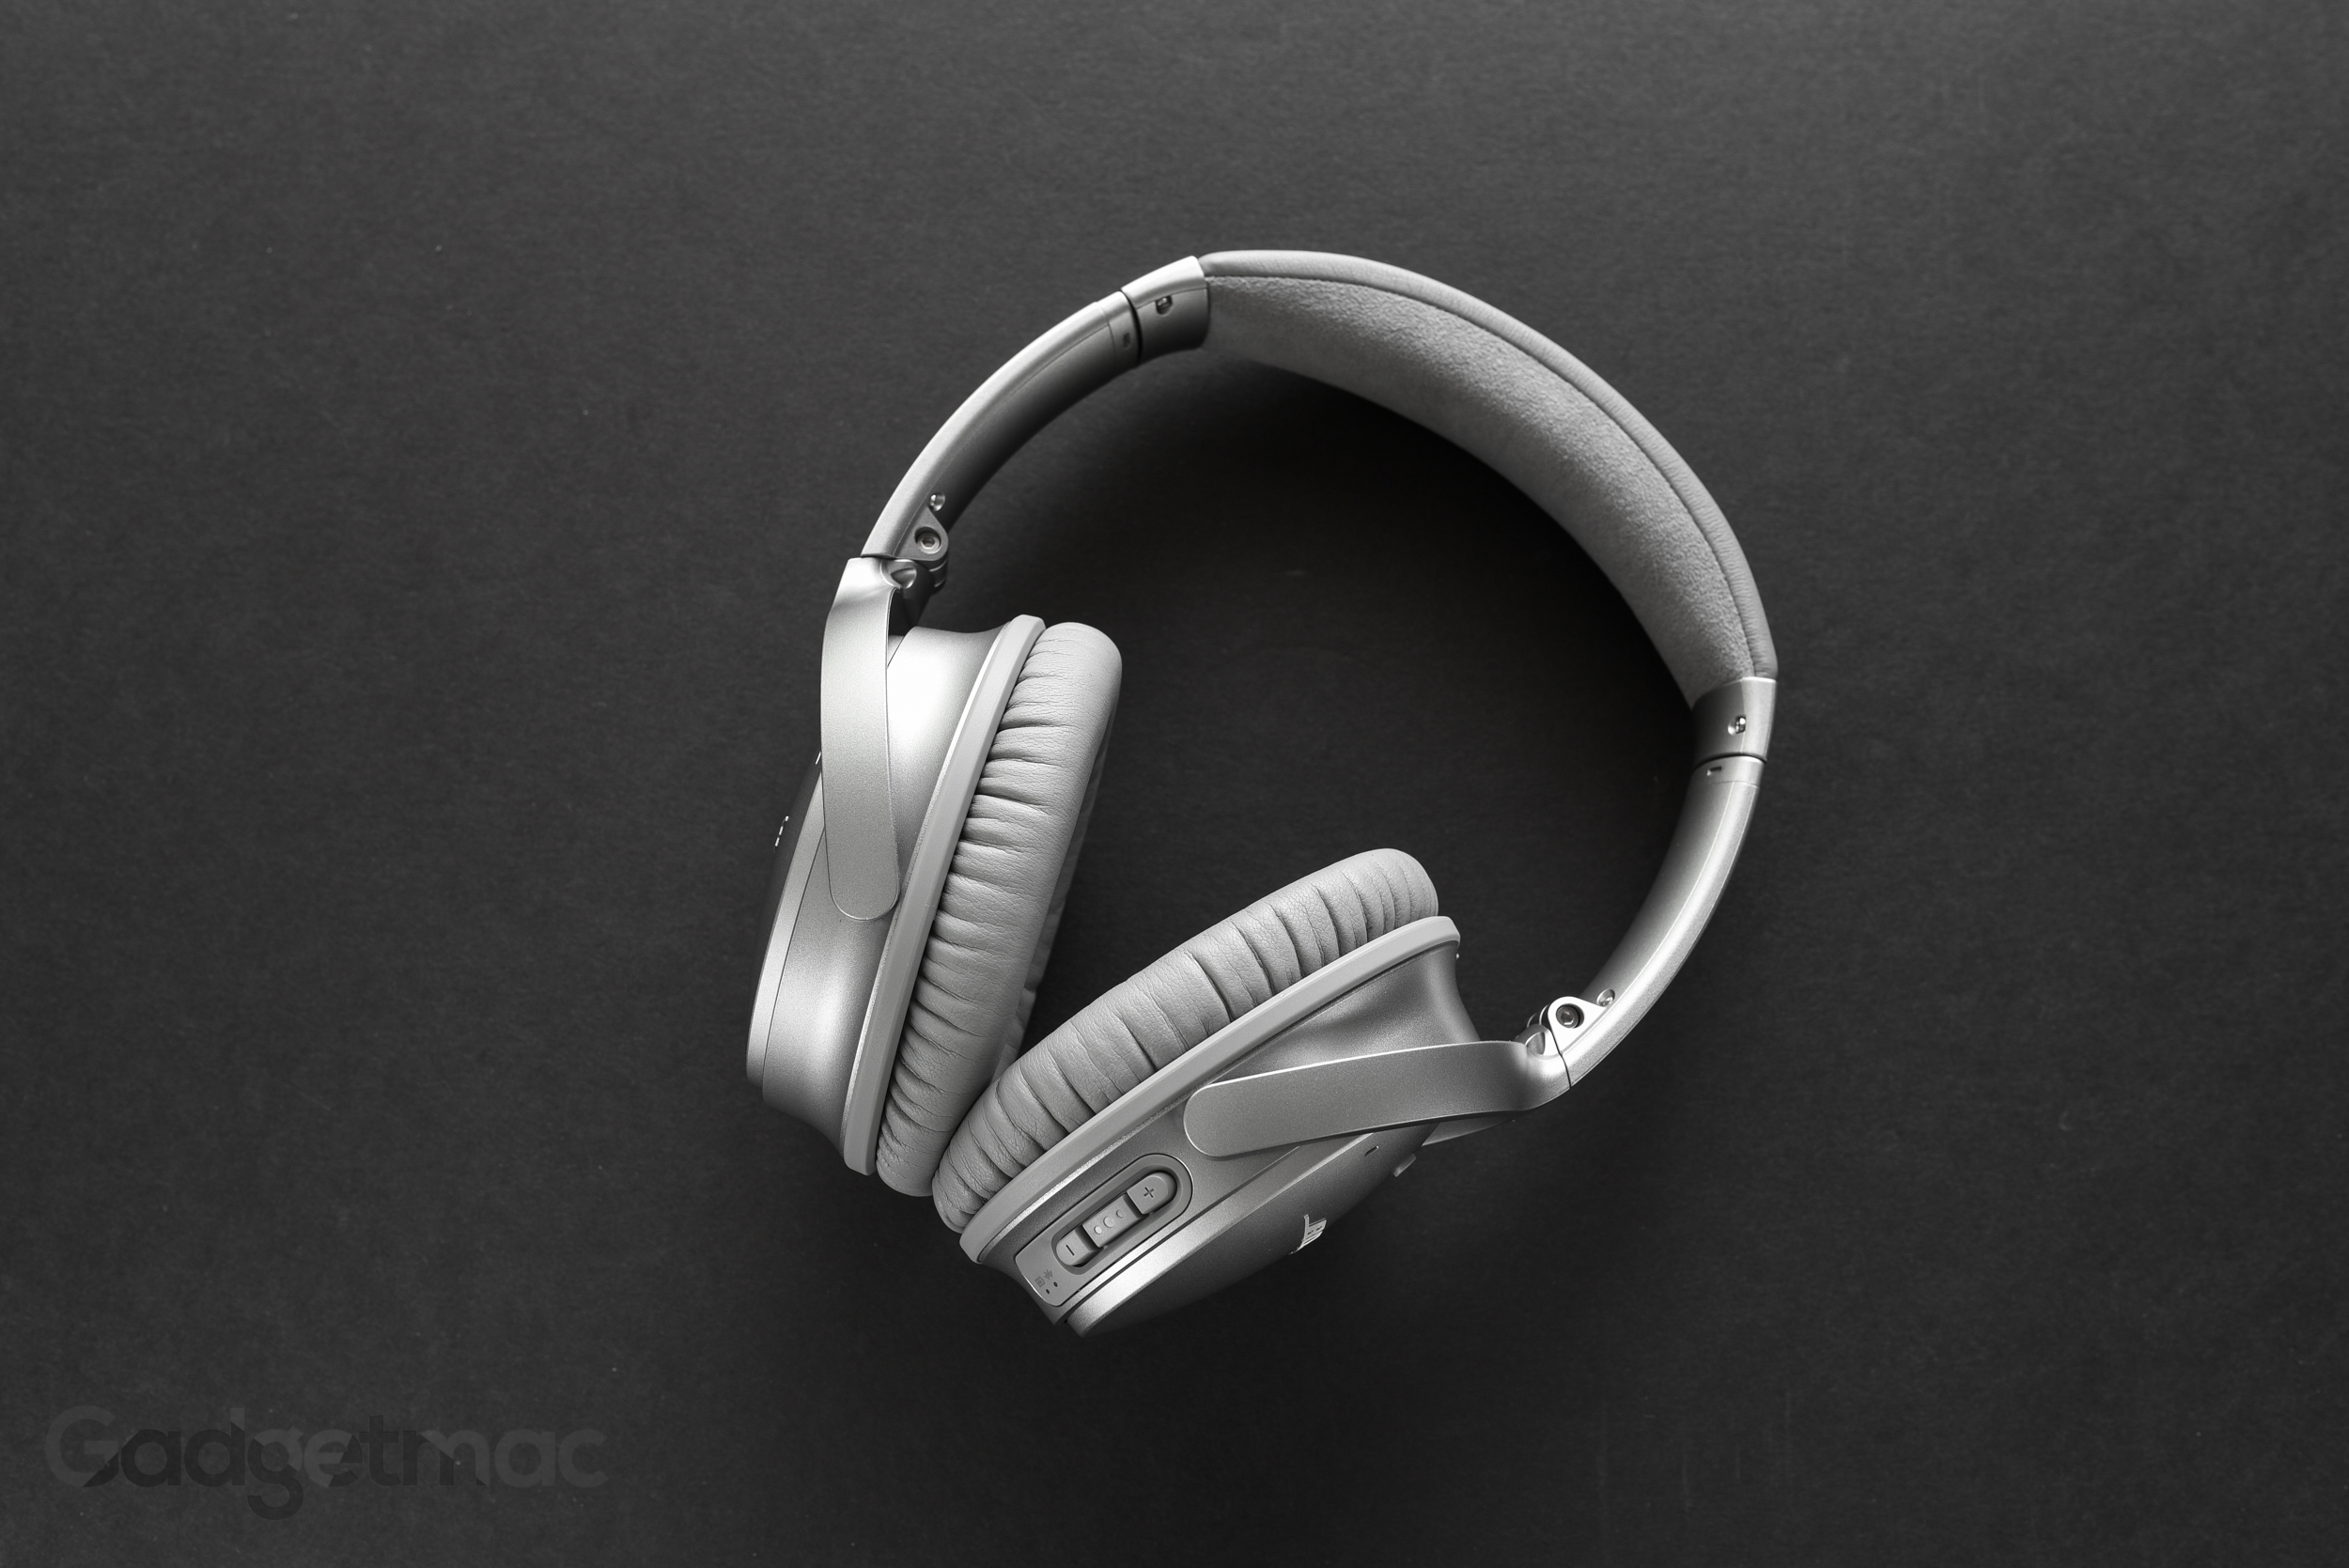 bose-quietcomfort-35-wireless-headphones.jpg